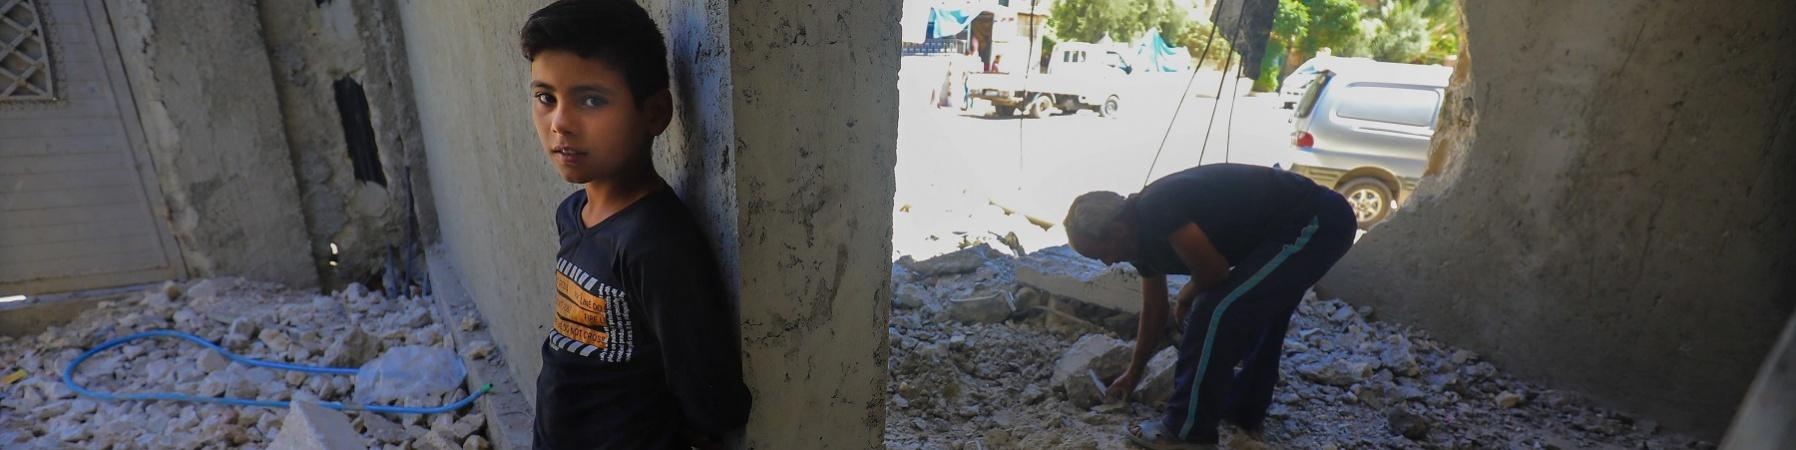 Un bambino è appoggiato con la schiena a un muro dentro un edificio distrutto e in mezzo alle macerie